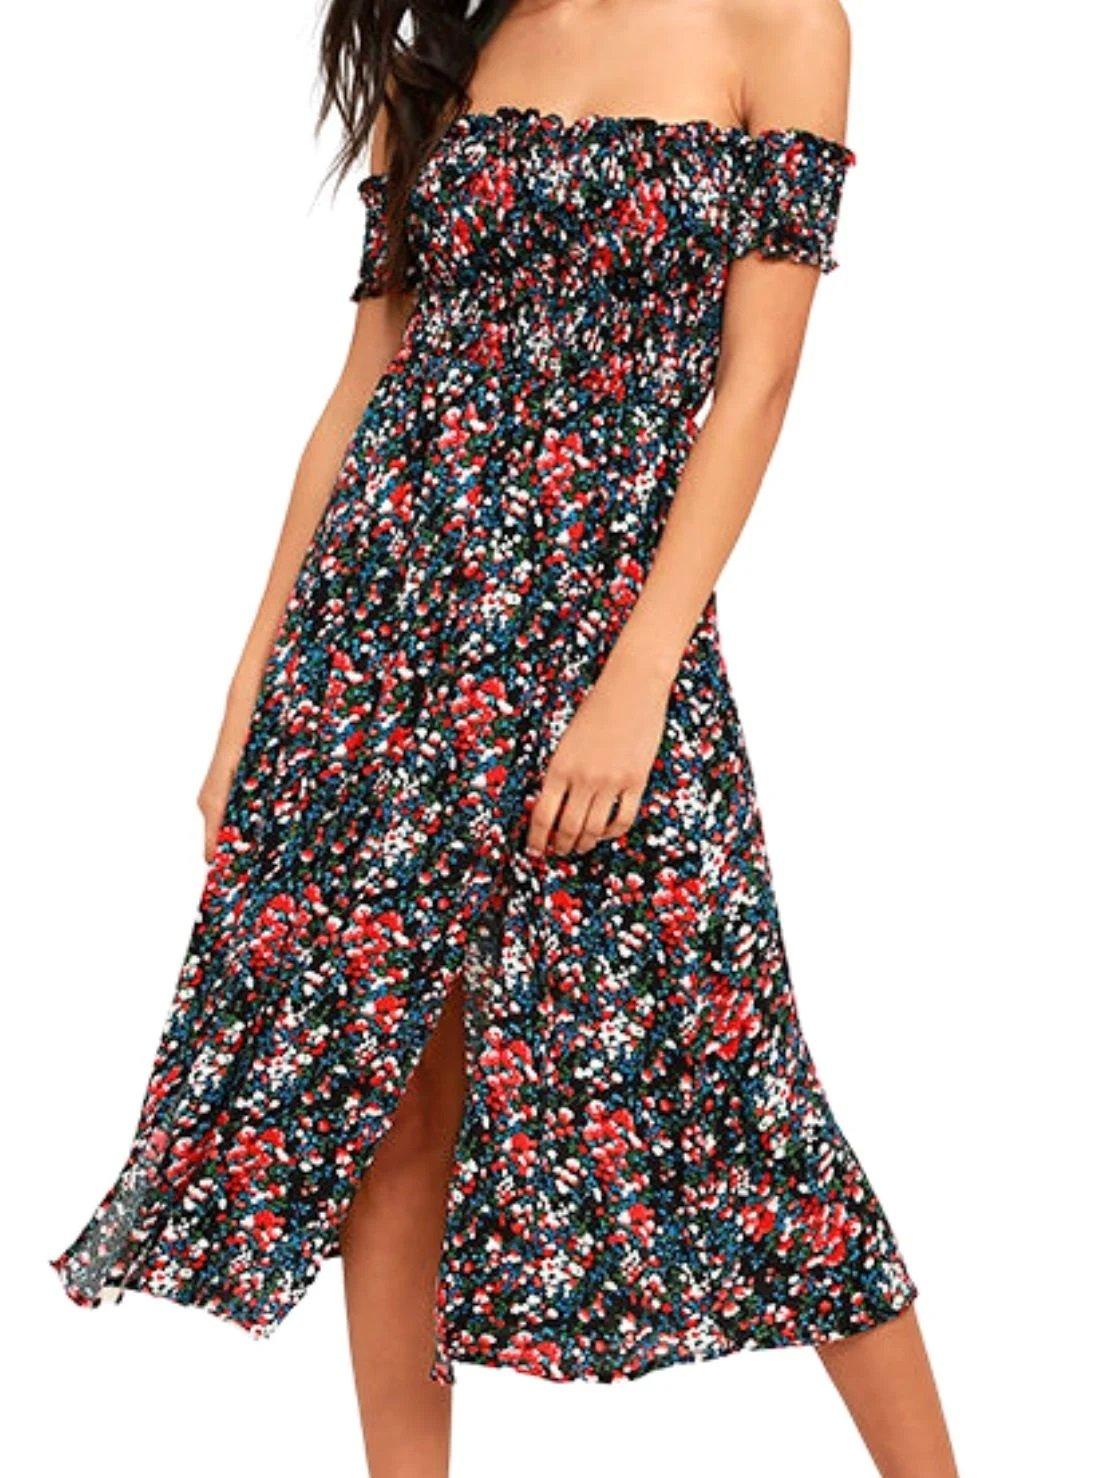 Floral Off-the-Shoulder Summer Dress